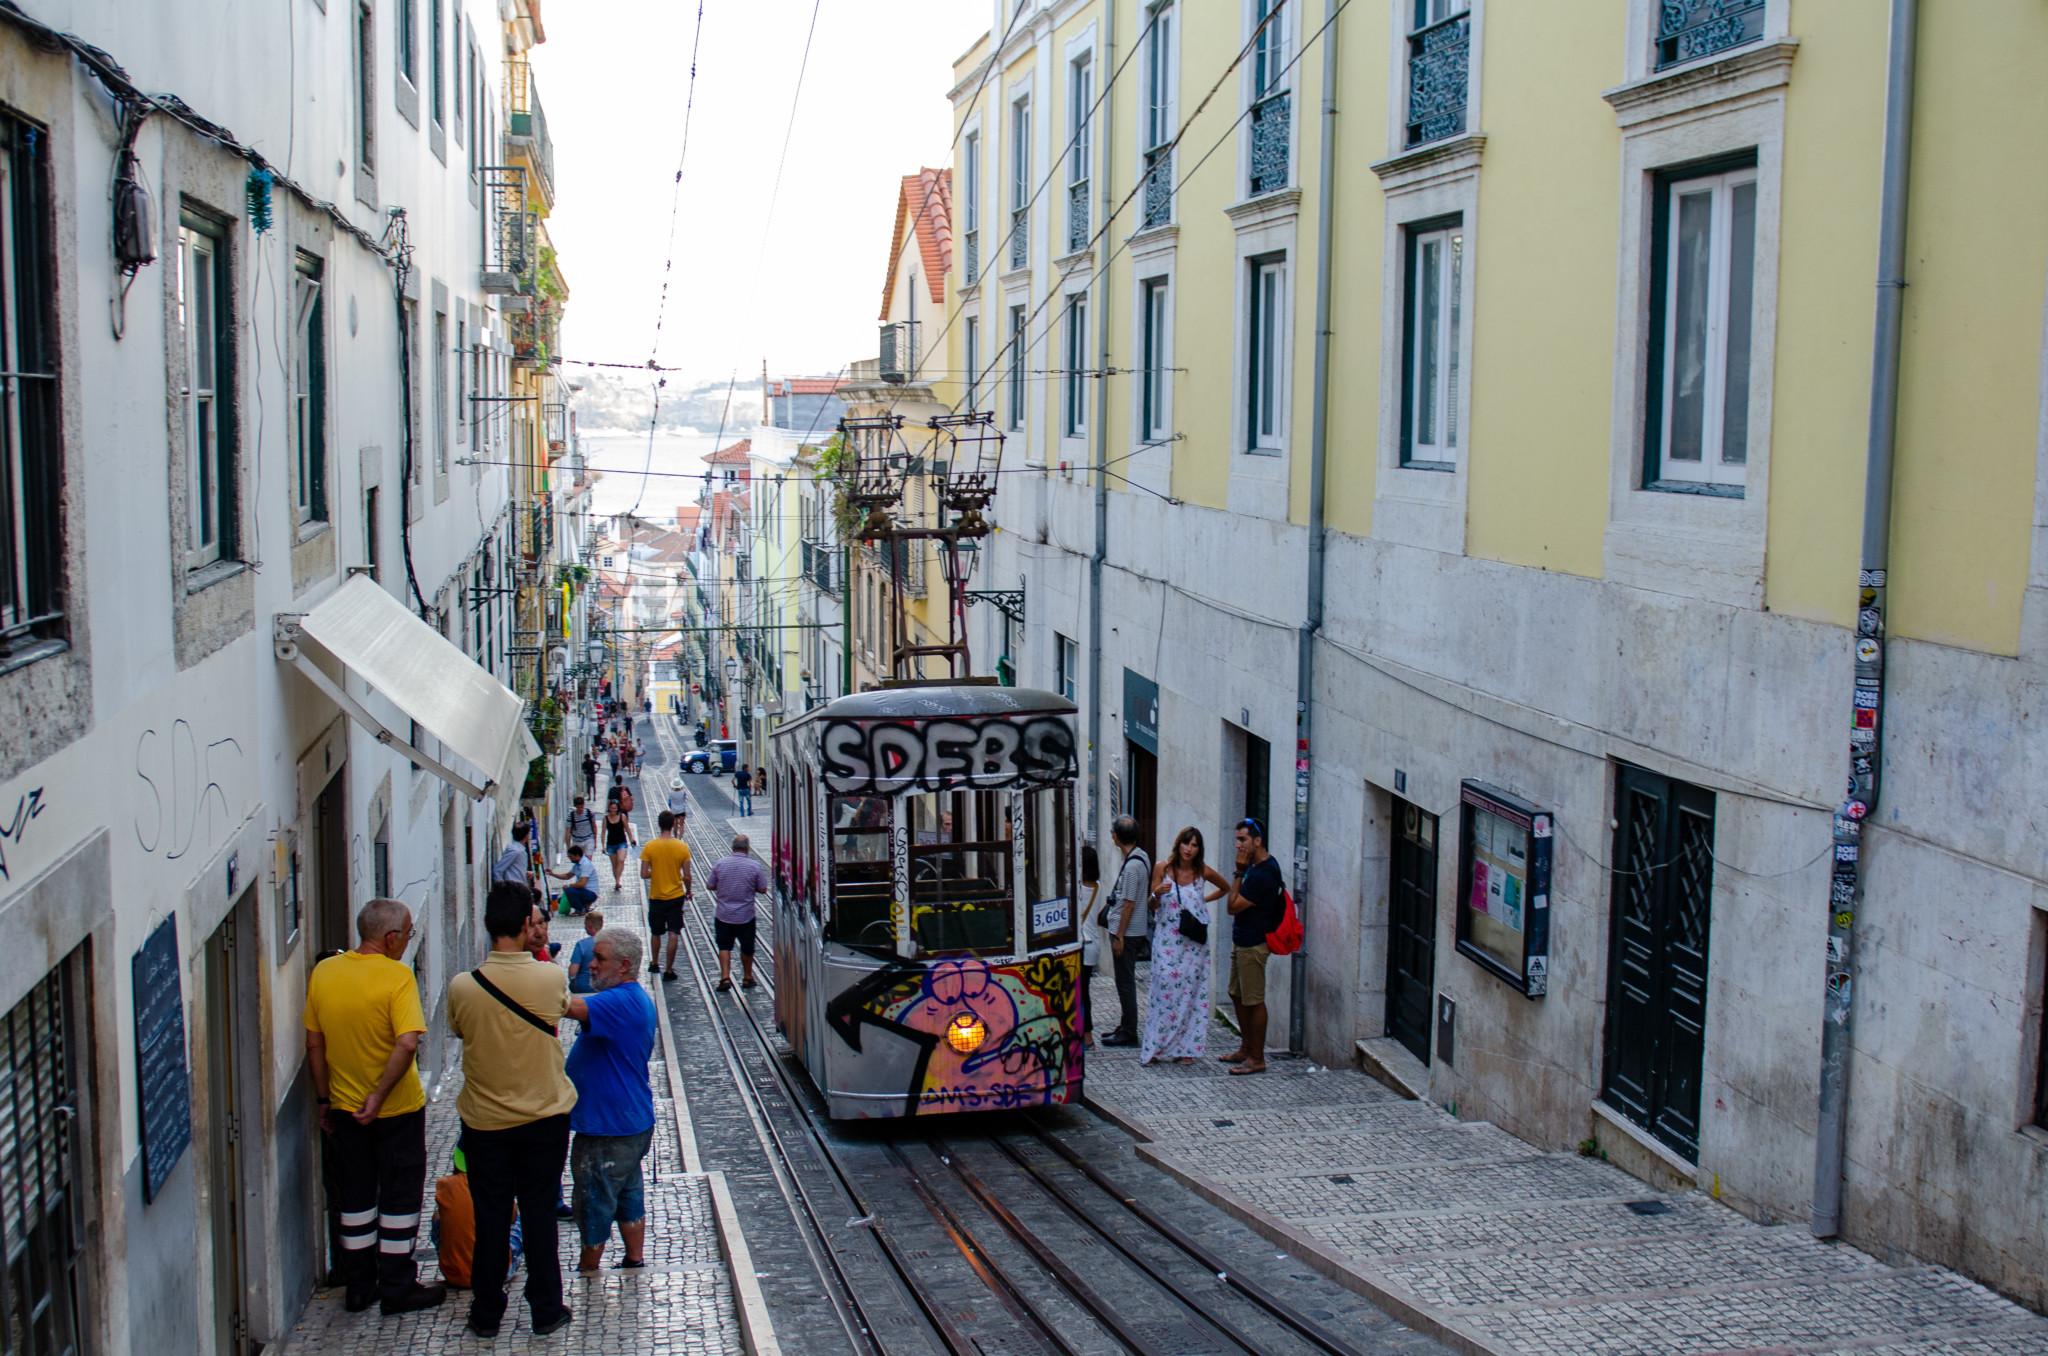 Zu den Lissabon Reisetipps gehört auch die Fahrt mit der Tram